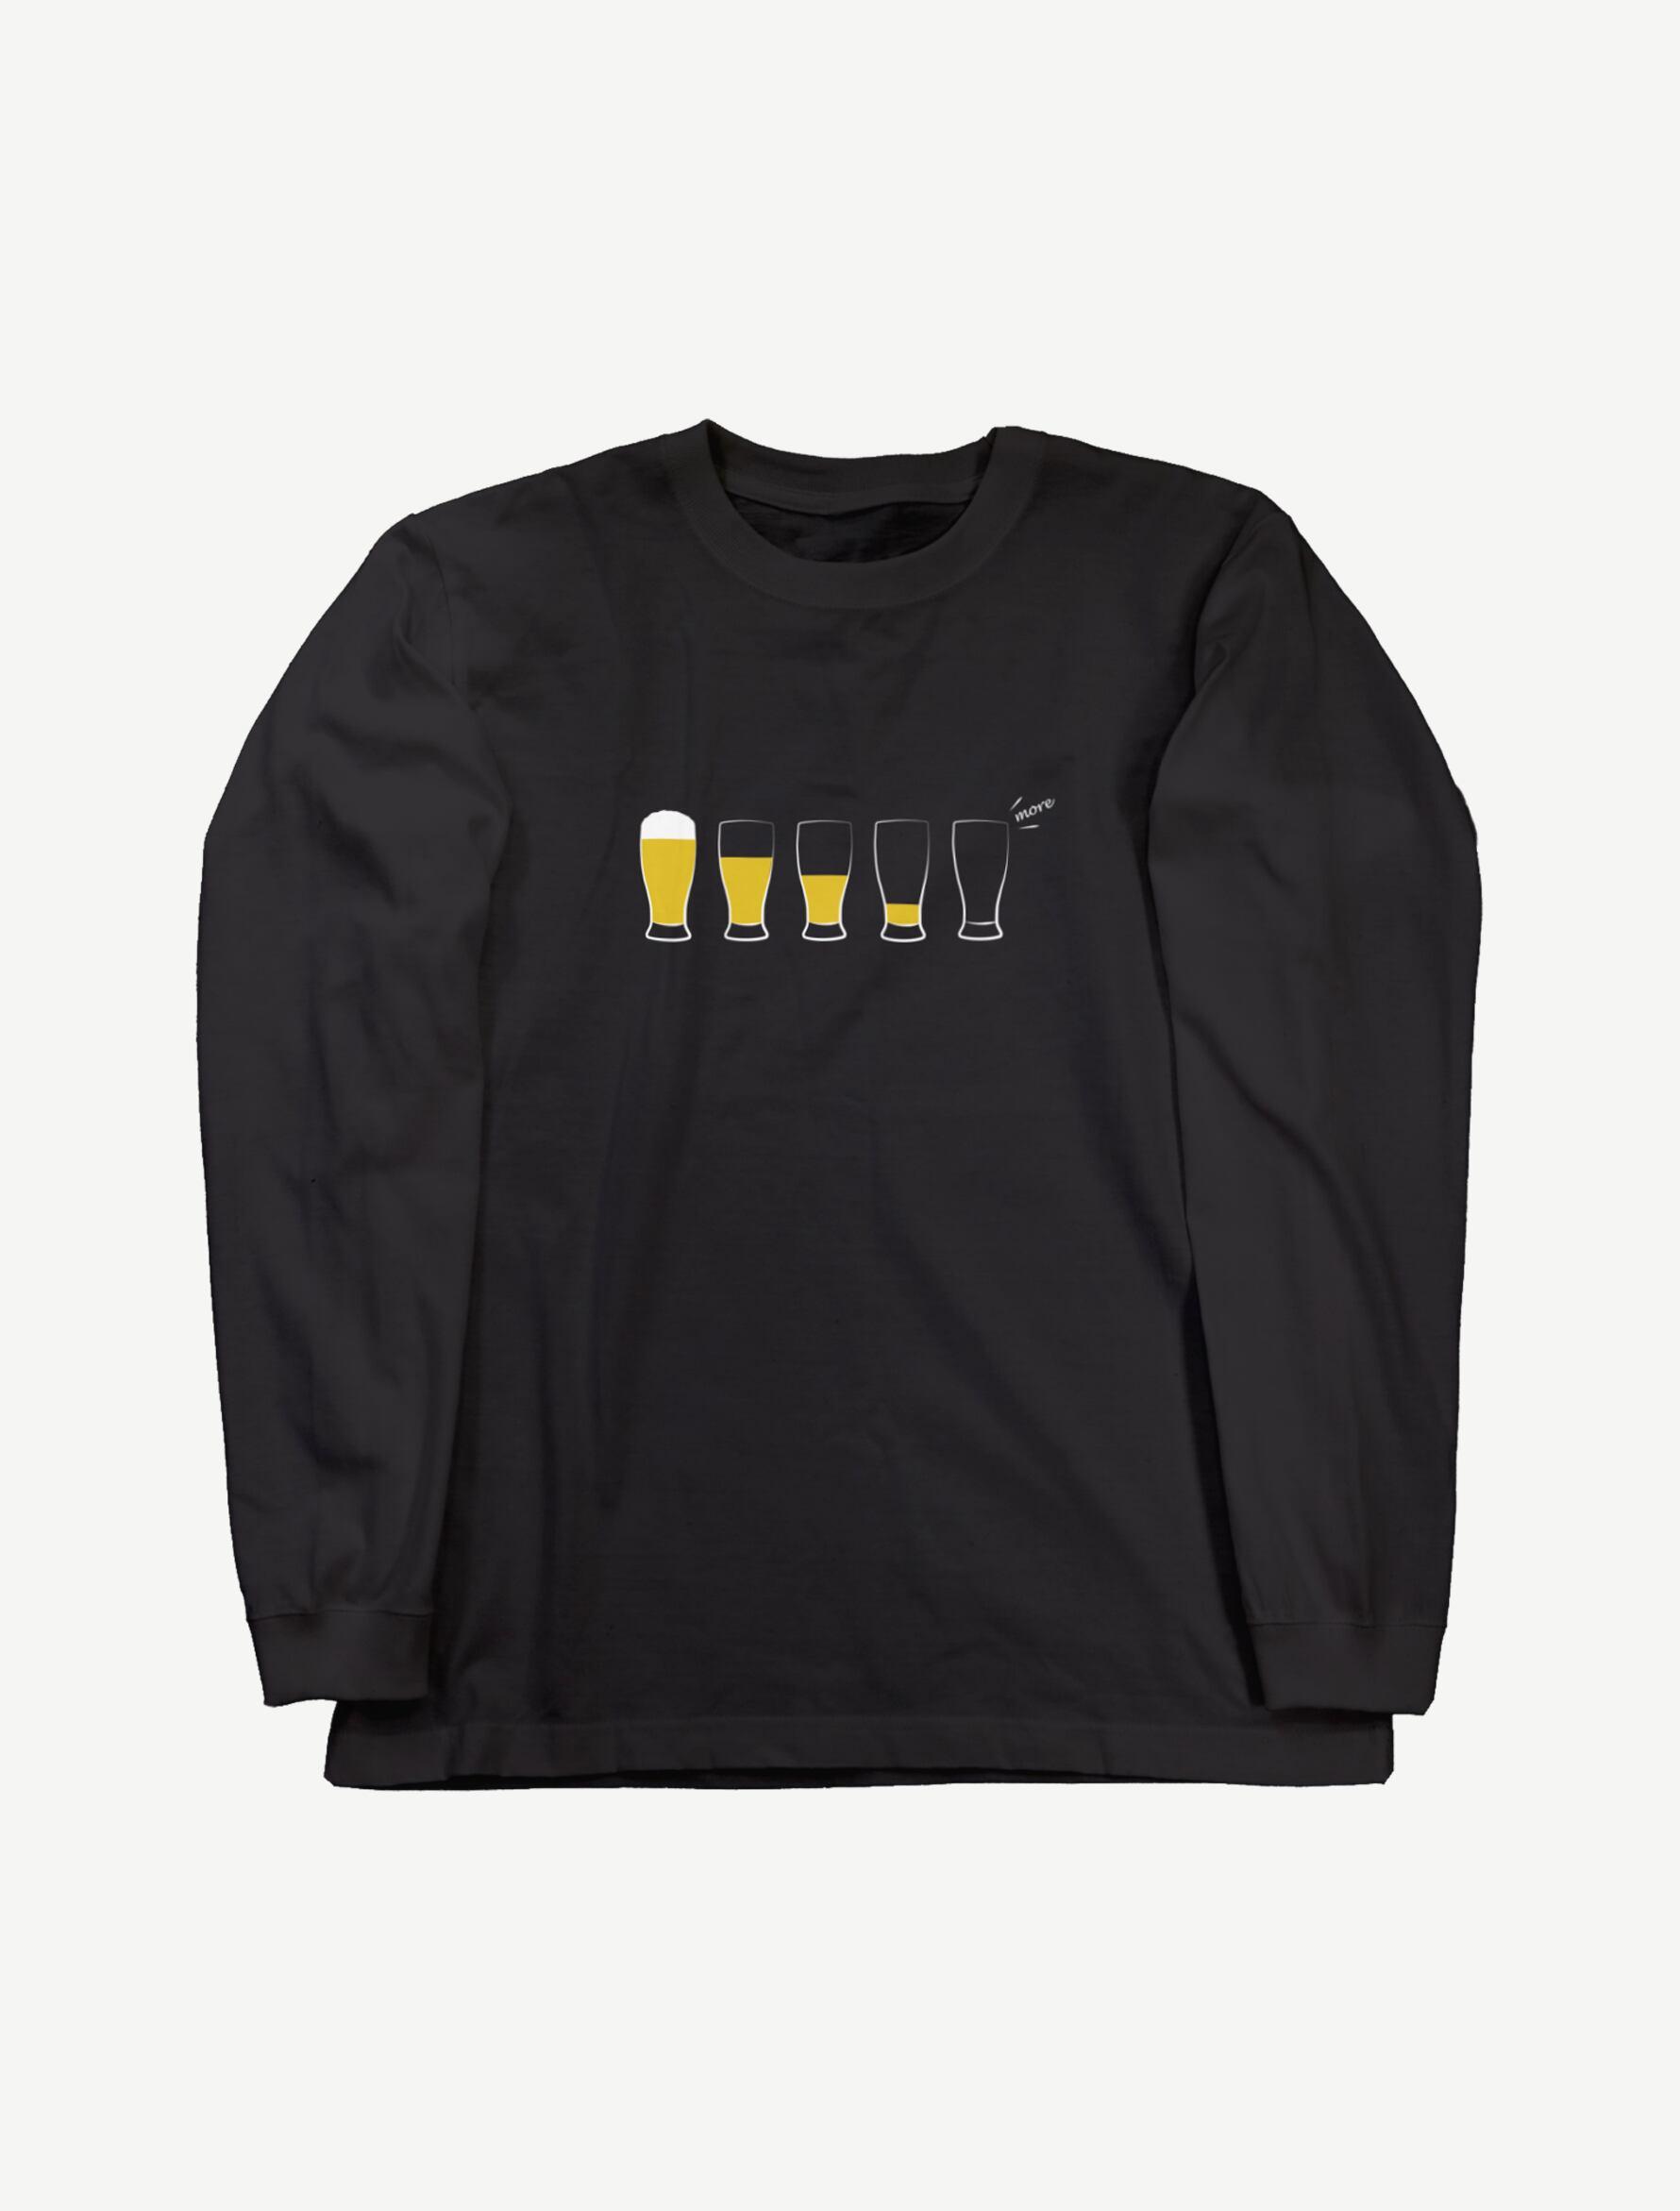 【モア・ビア】ロングスリーブTシャツ(ブラック)